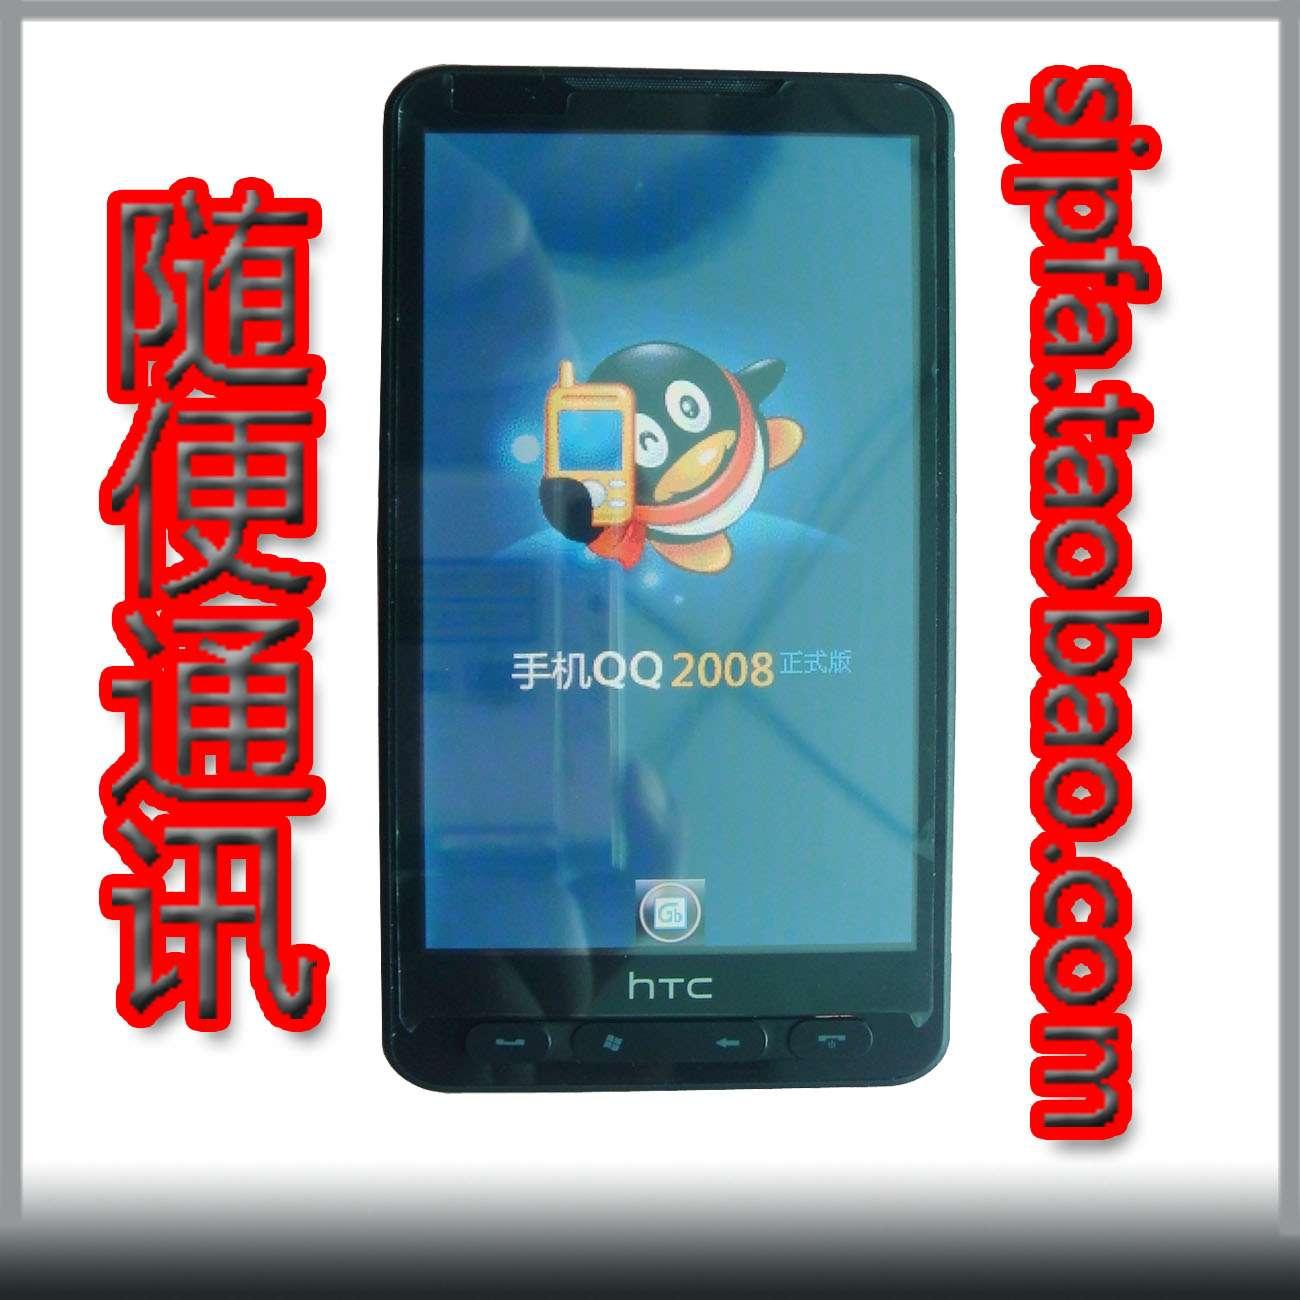 上海哪里有手机批发市场